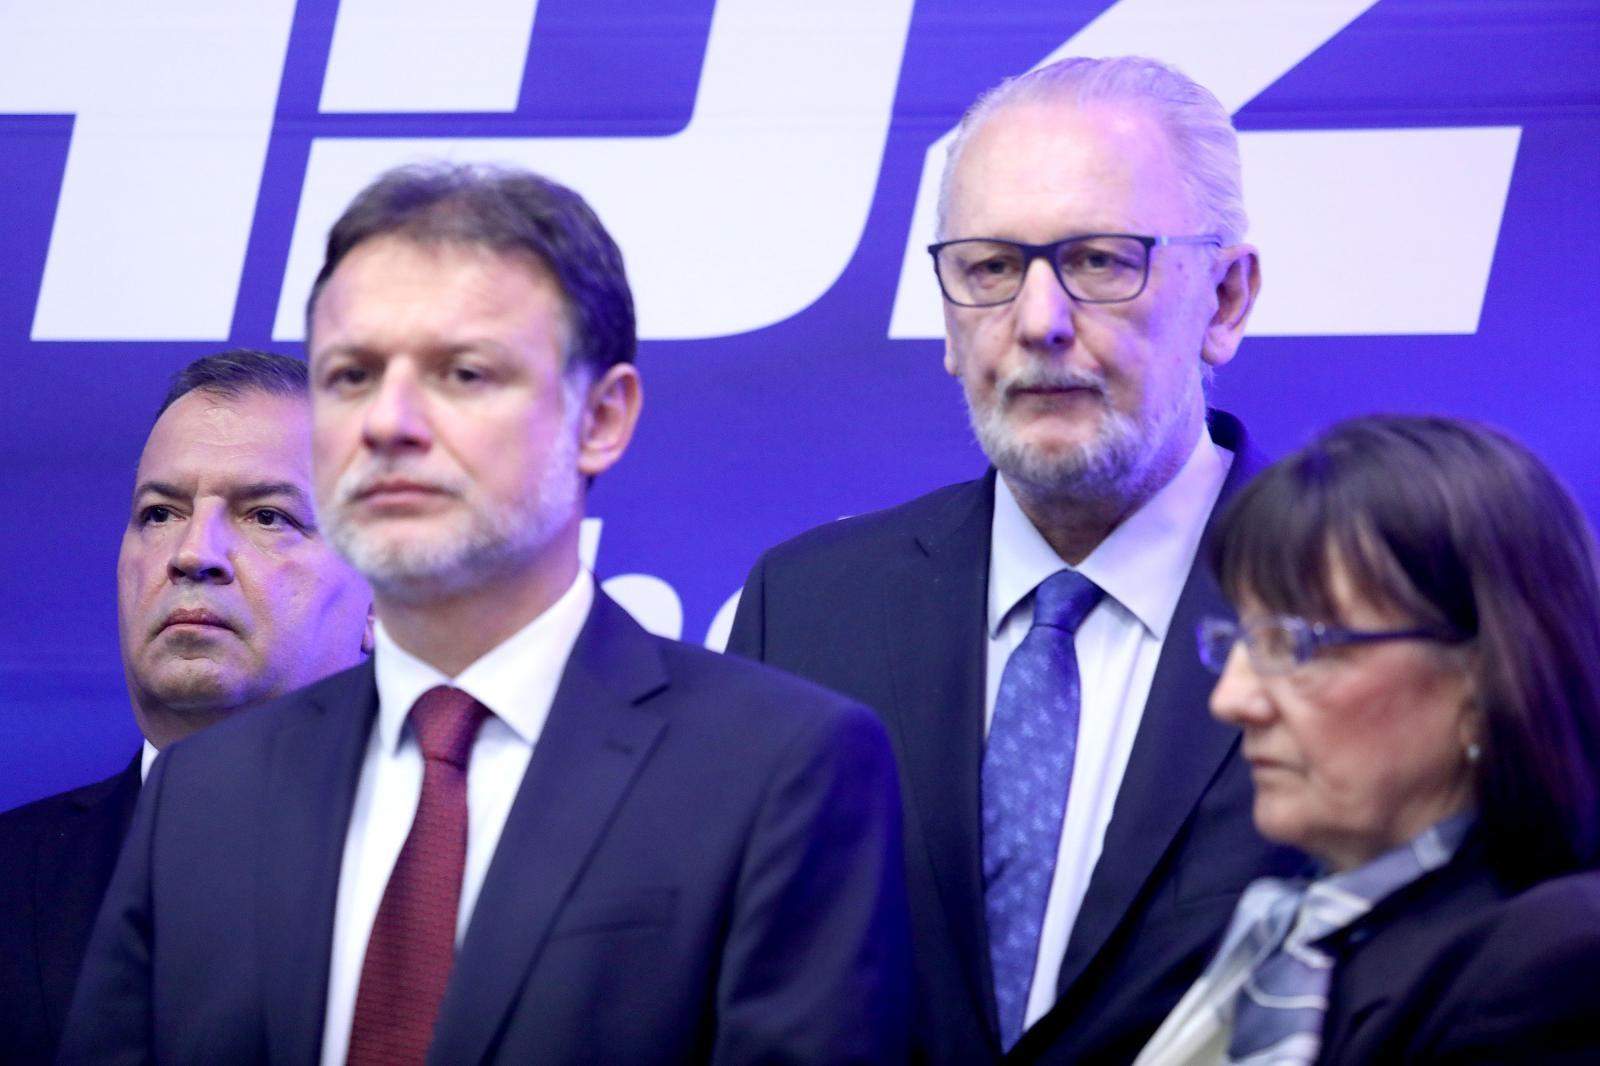 Ministri Beroš i Božinović opet su natiskani u zatvorenom prostoru